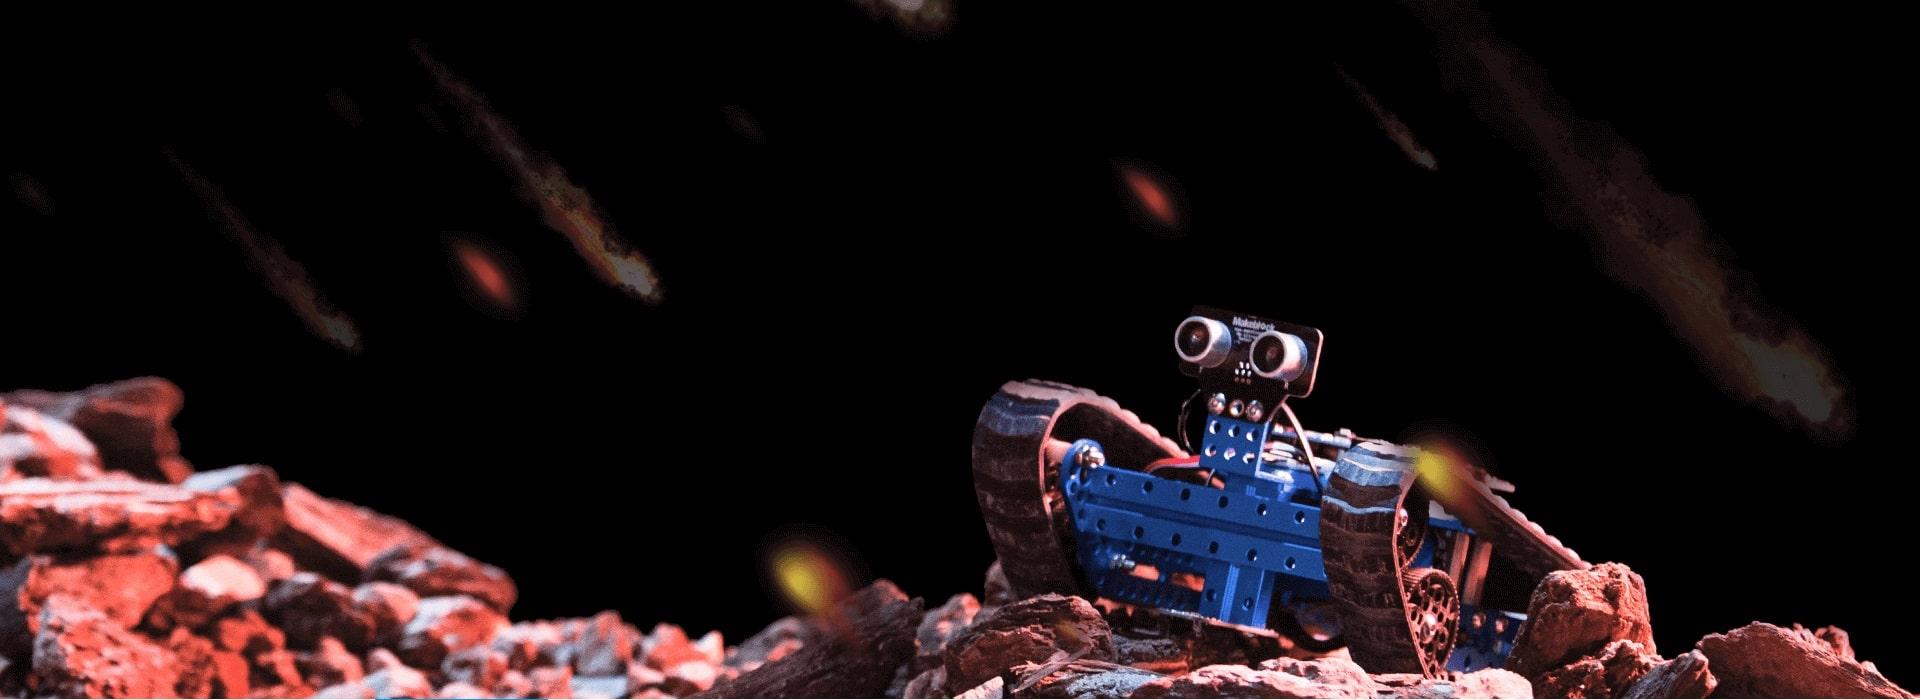 کیت آموزشی mBot Ranger